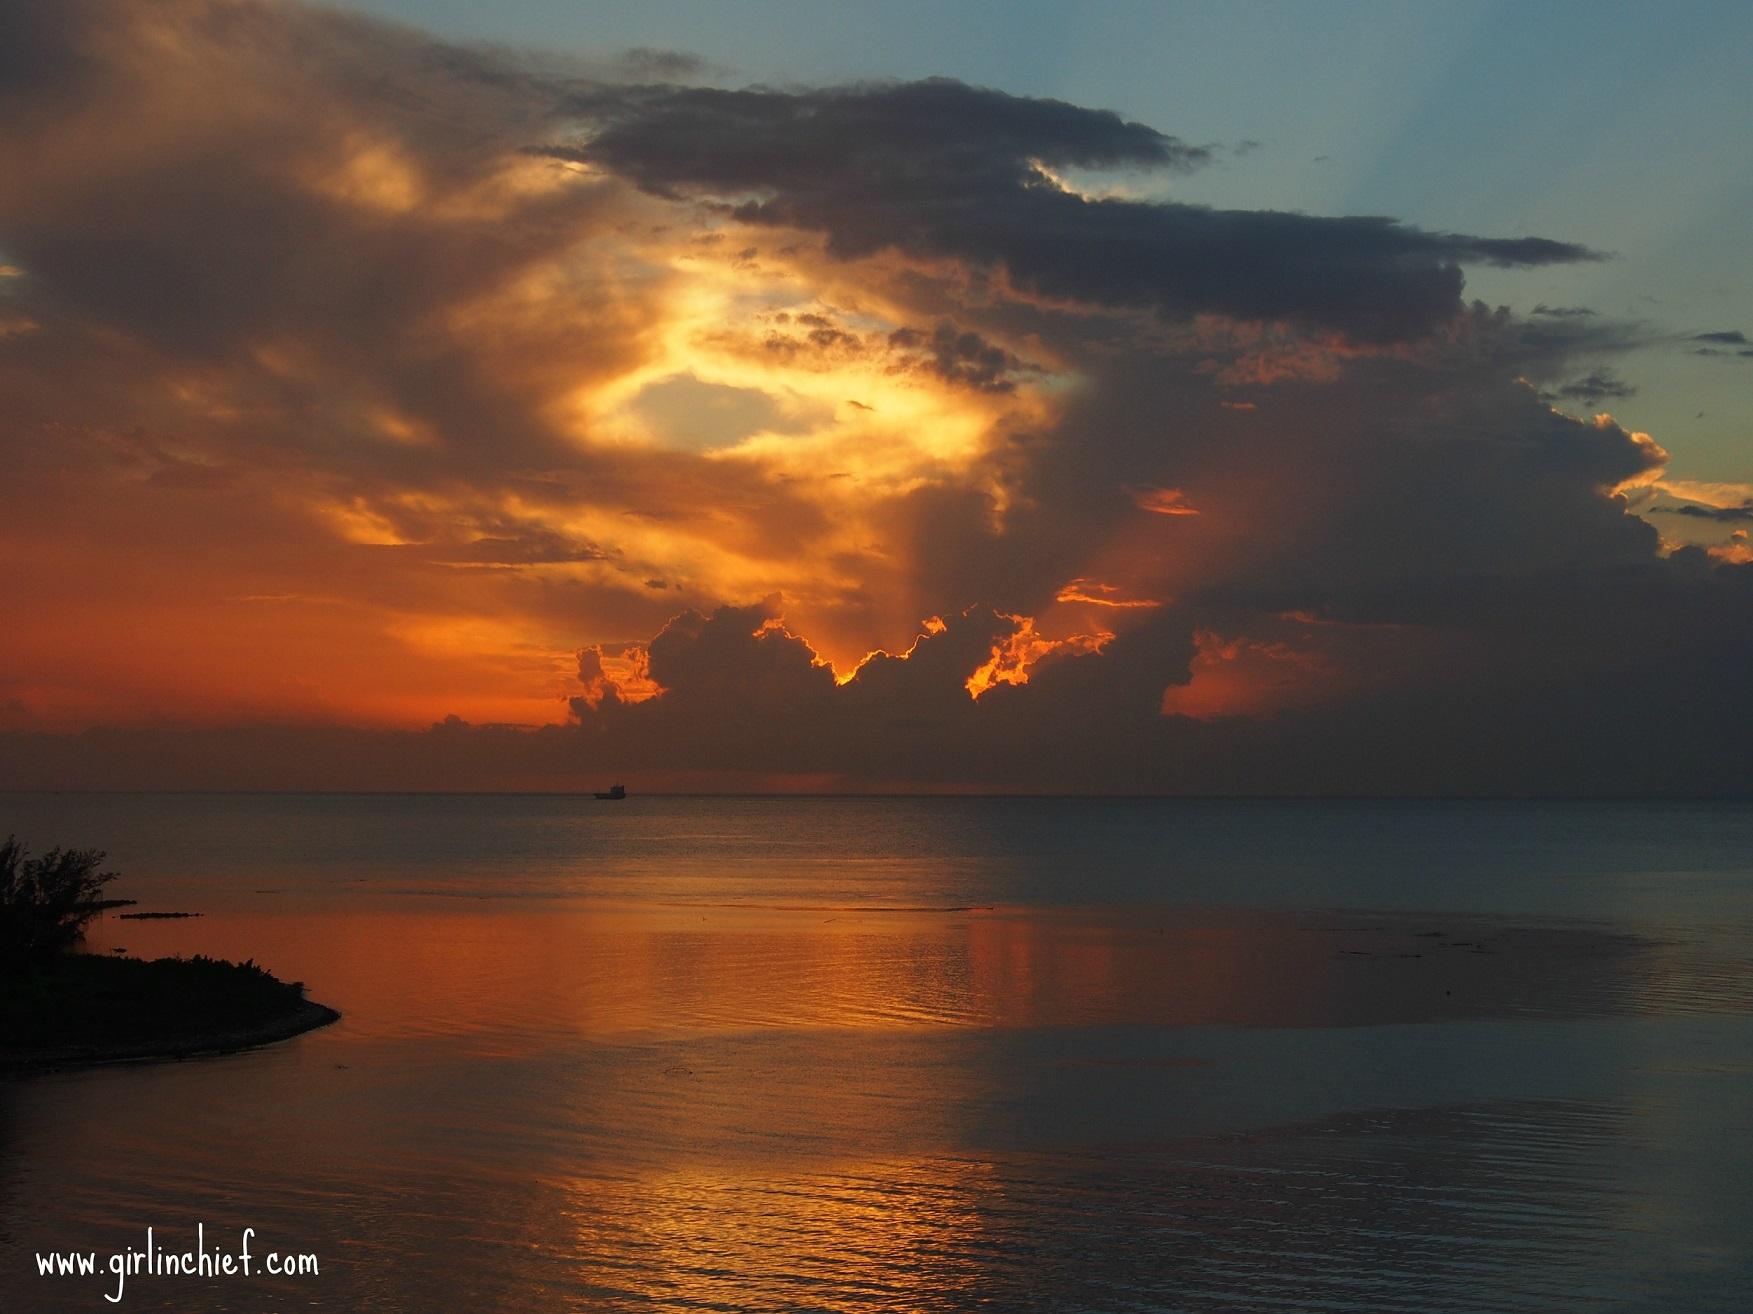 sunset-while-floating-past-montego-bay-jamaica